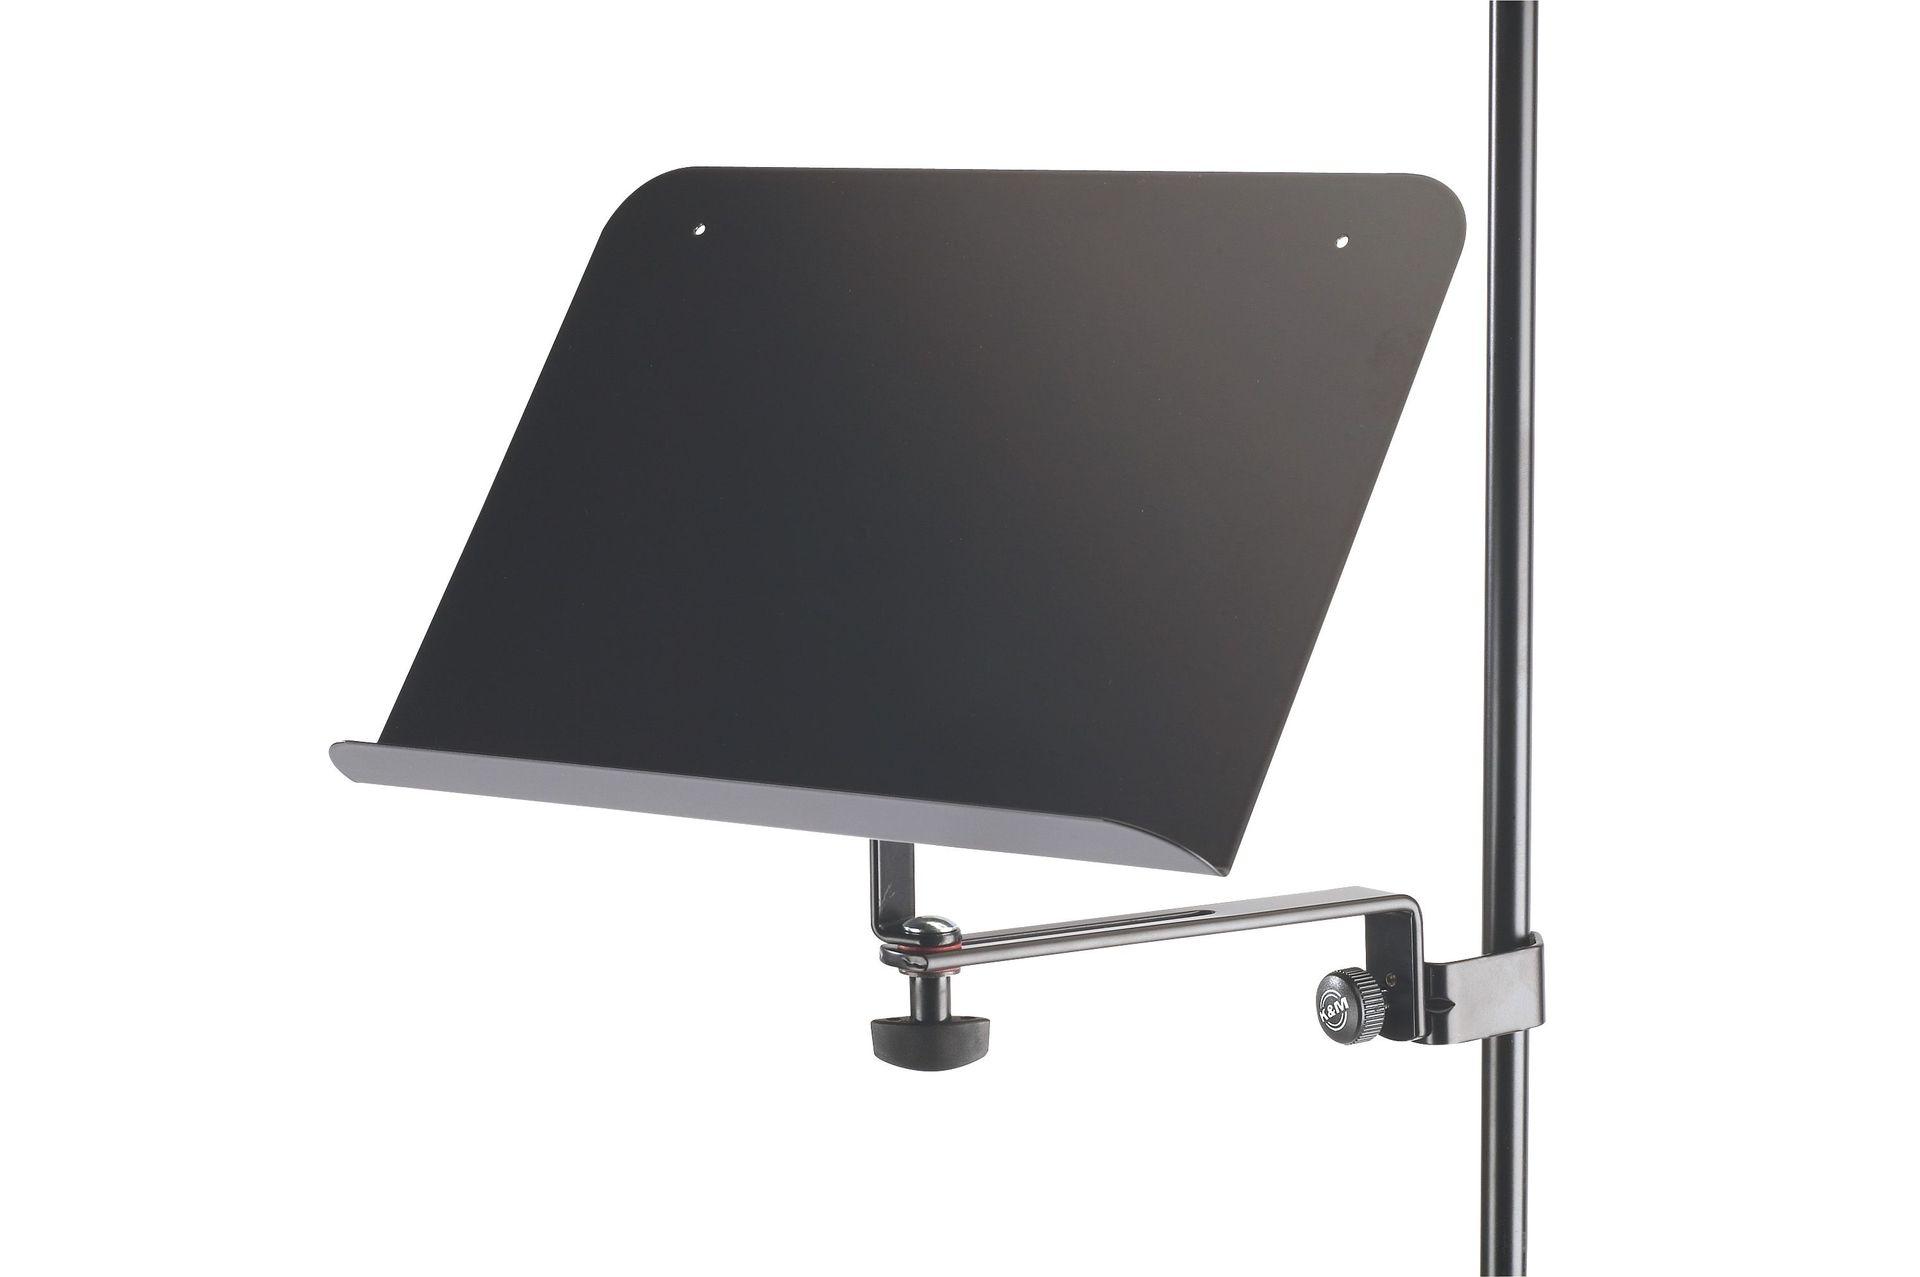 K&M 11520 Notenablage 30x20cm  - 115/2 für Notenpulte und Mikrofonständer